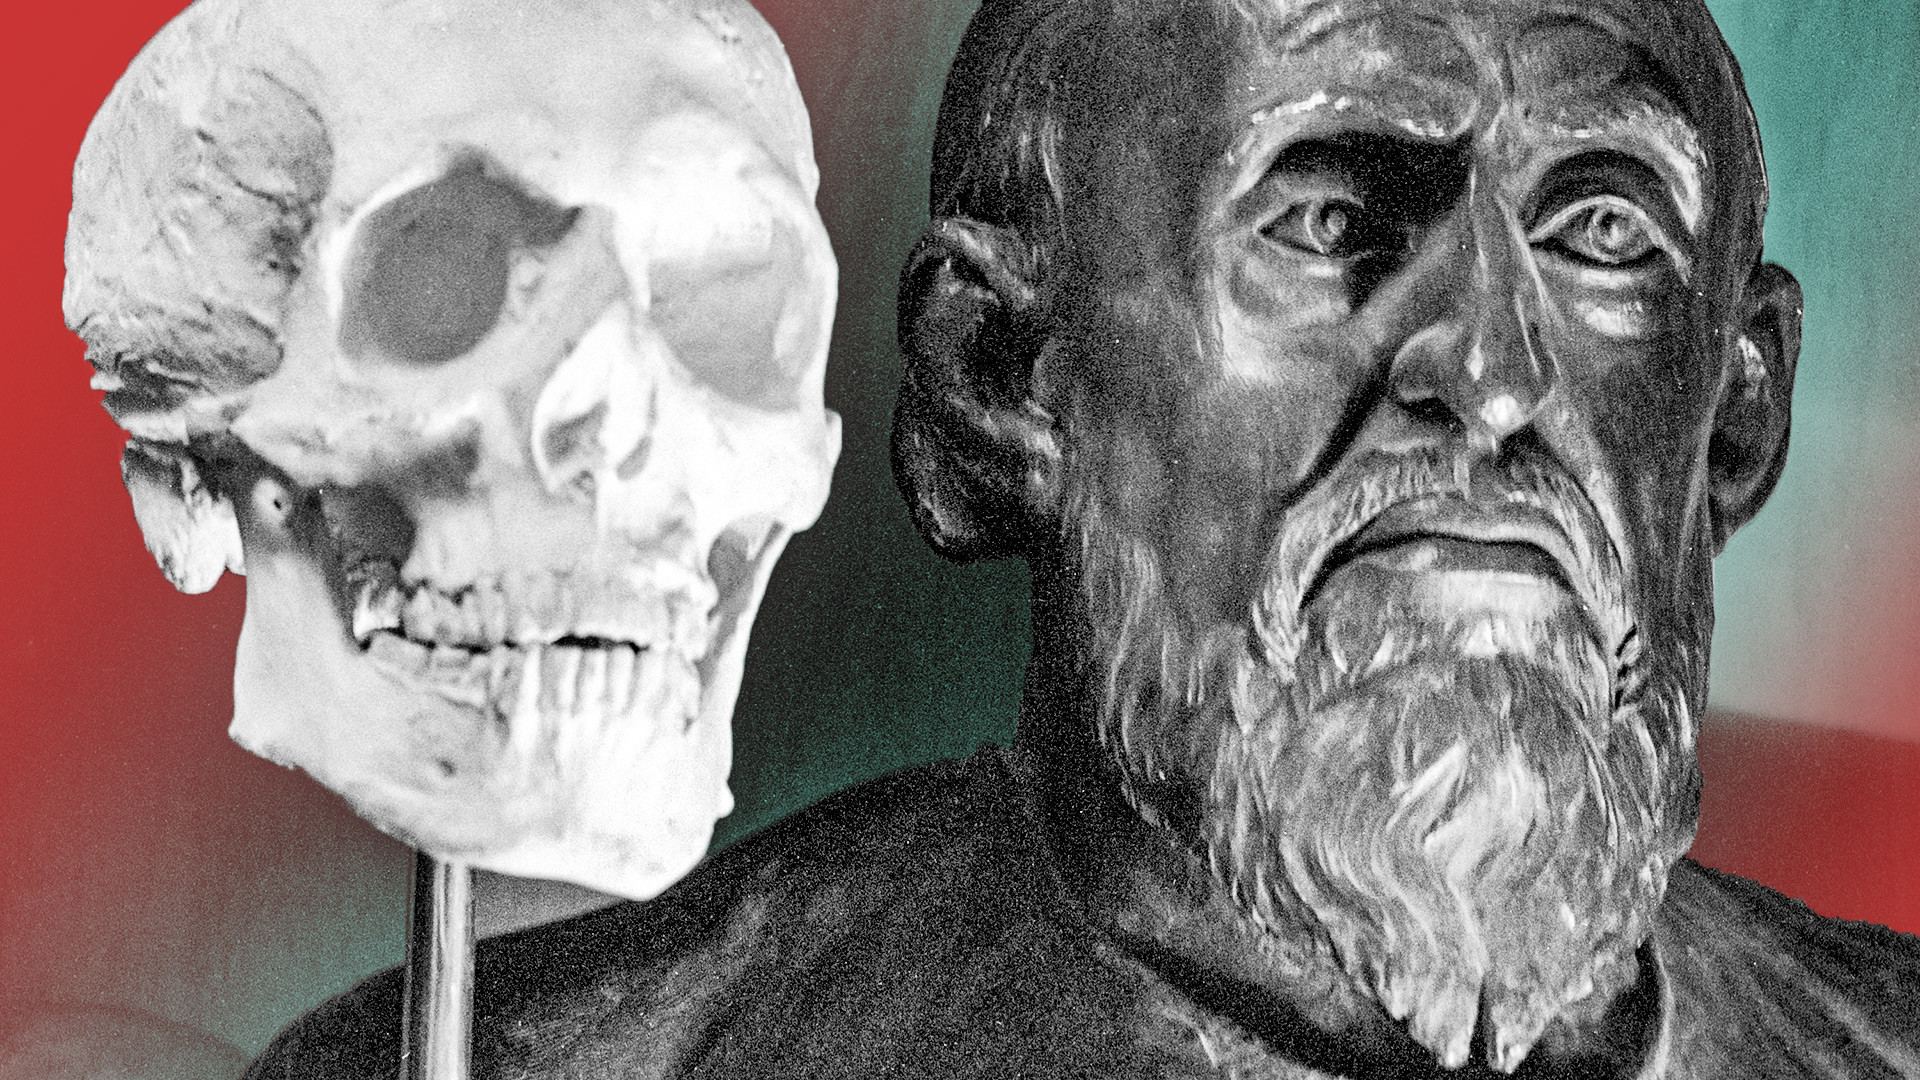 Глава првог руског цара Ивана Грозног реконструисана по лобањи помоћу стереометрије. Лабораторија за пластичну антропологију.